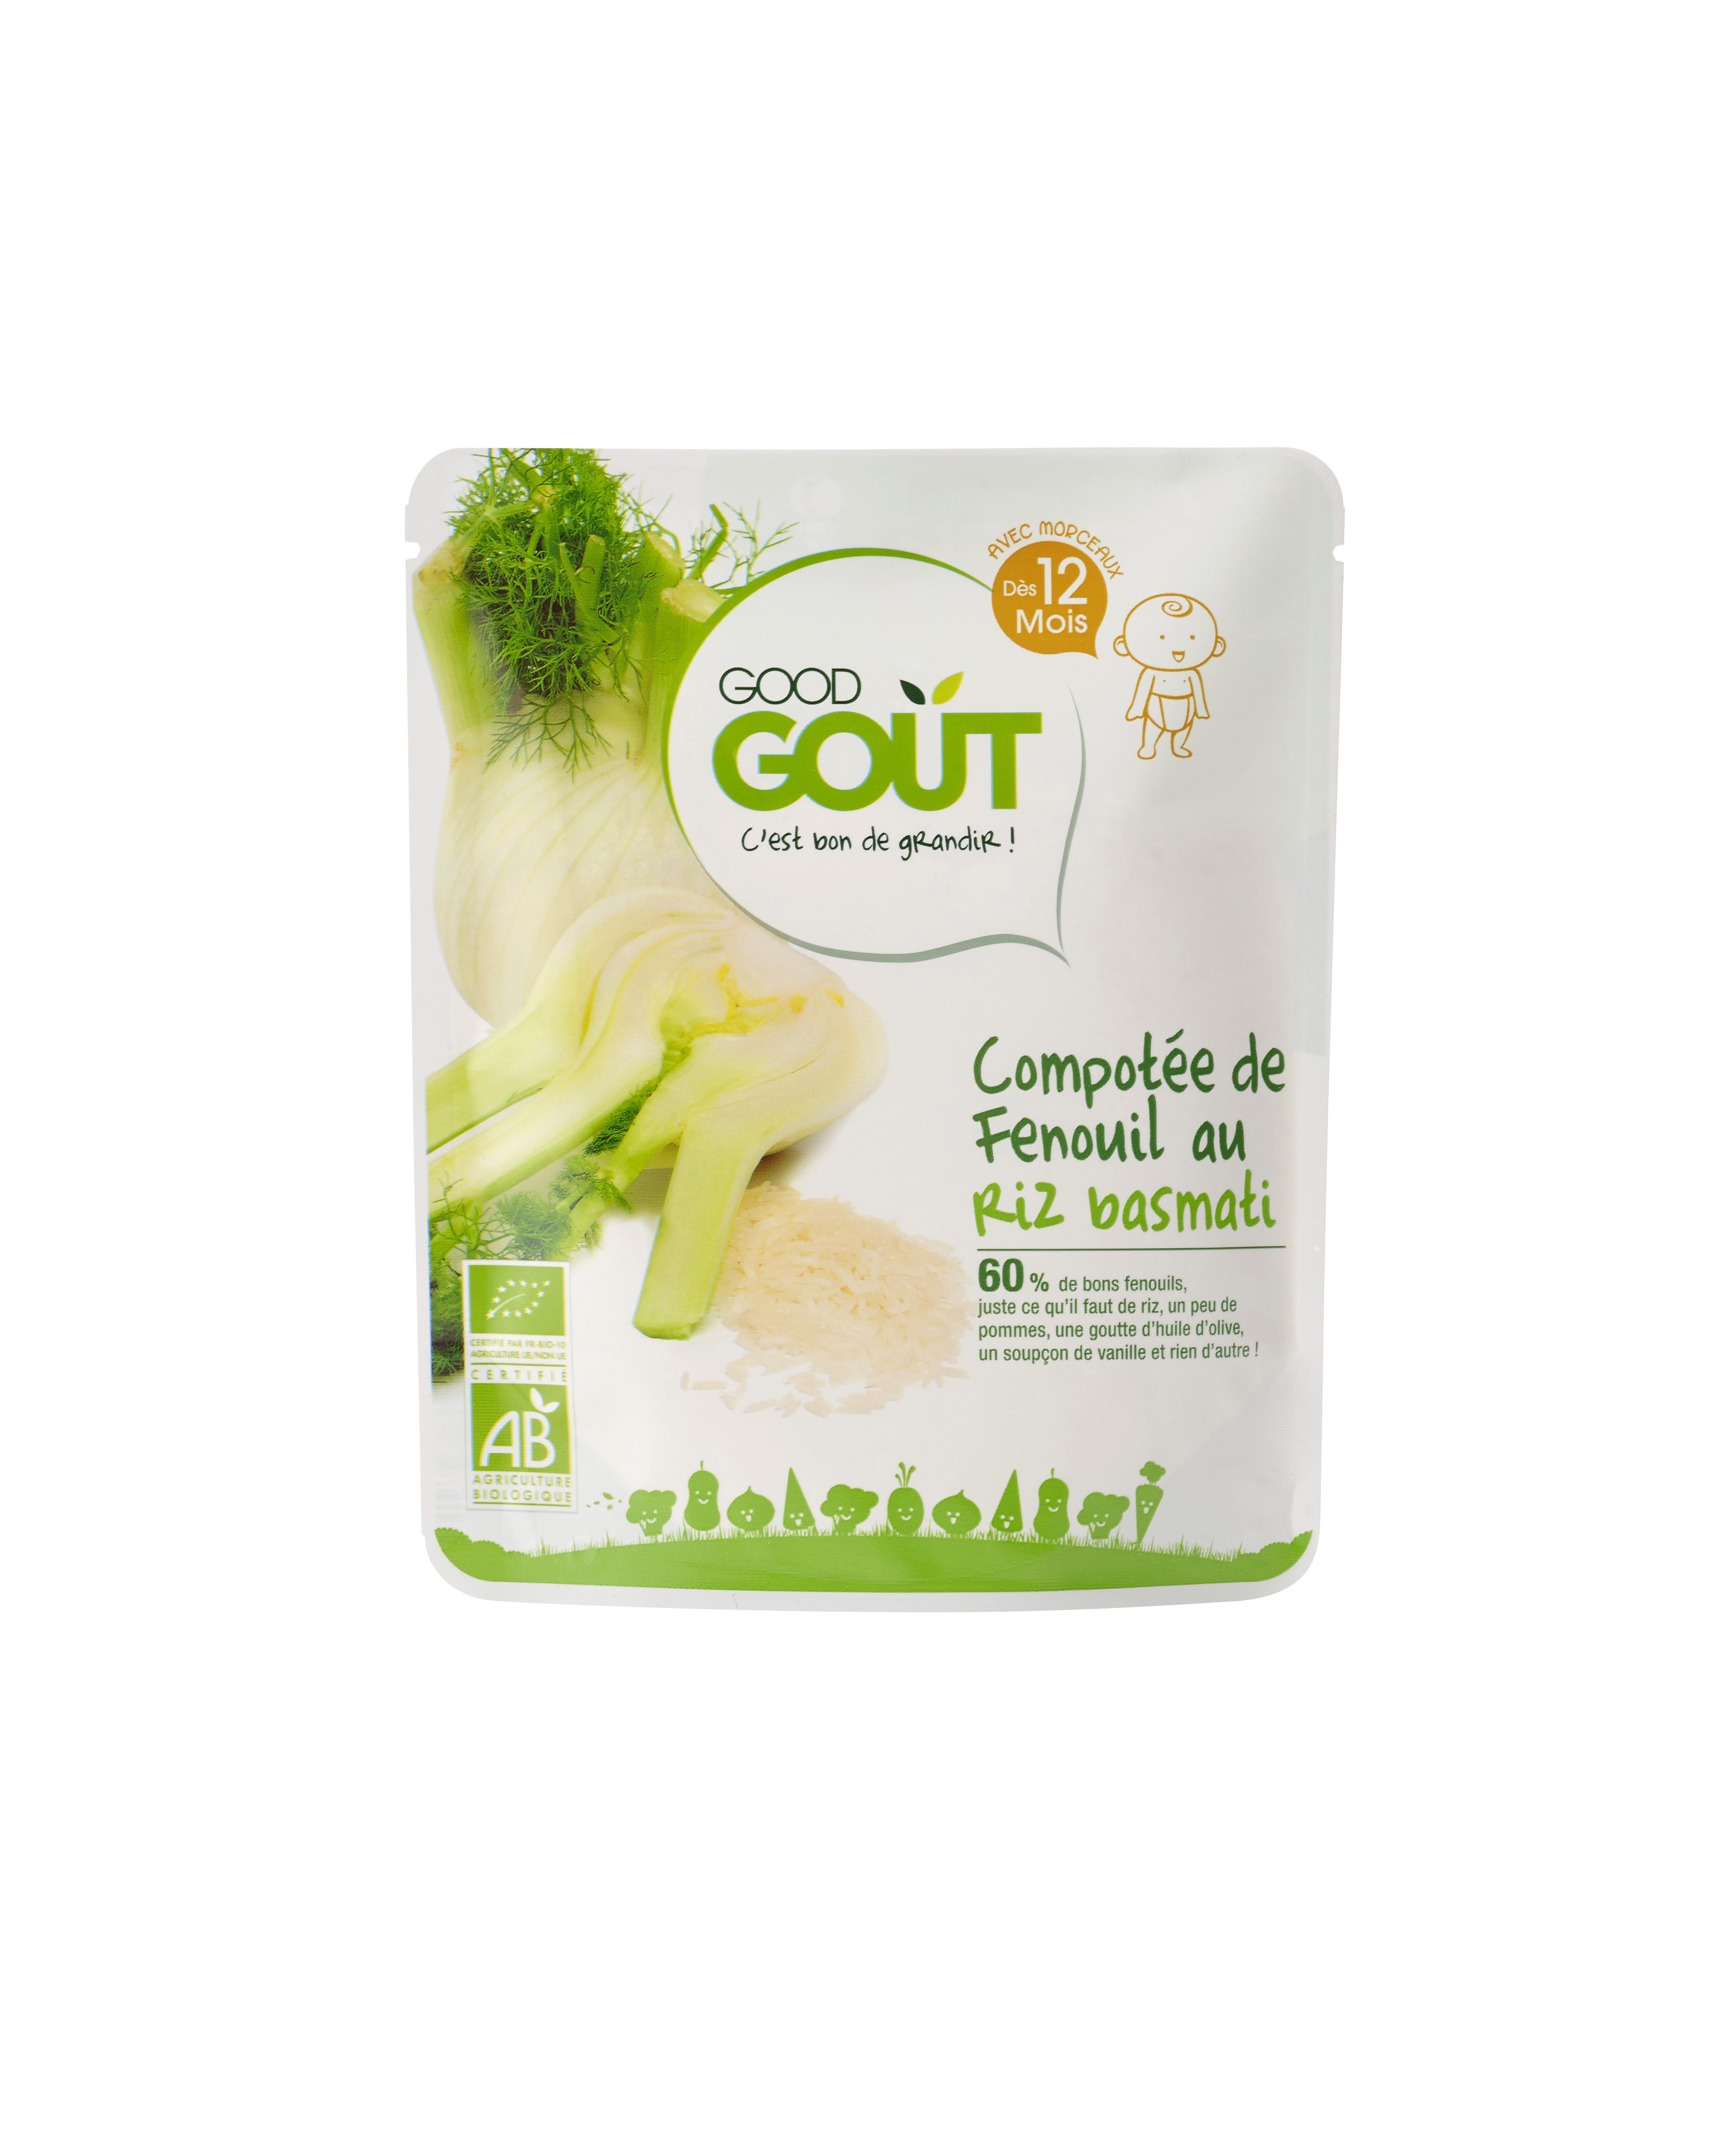 Compotée de fenouil au riz basmati et vanille BIO, Good Goût (220 g) - dès 12 mois